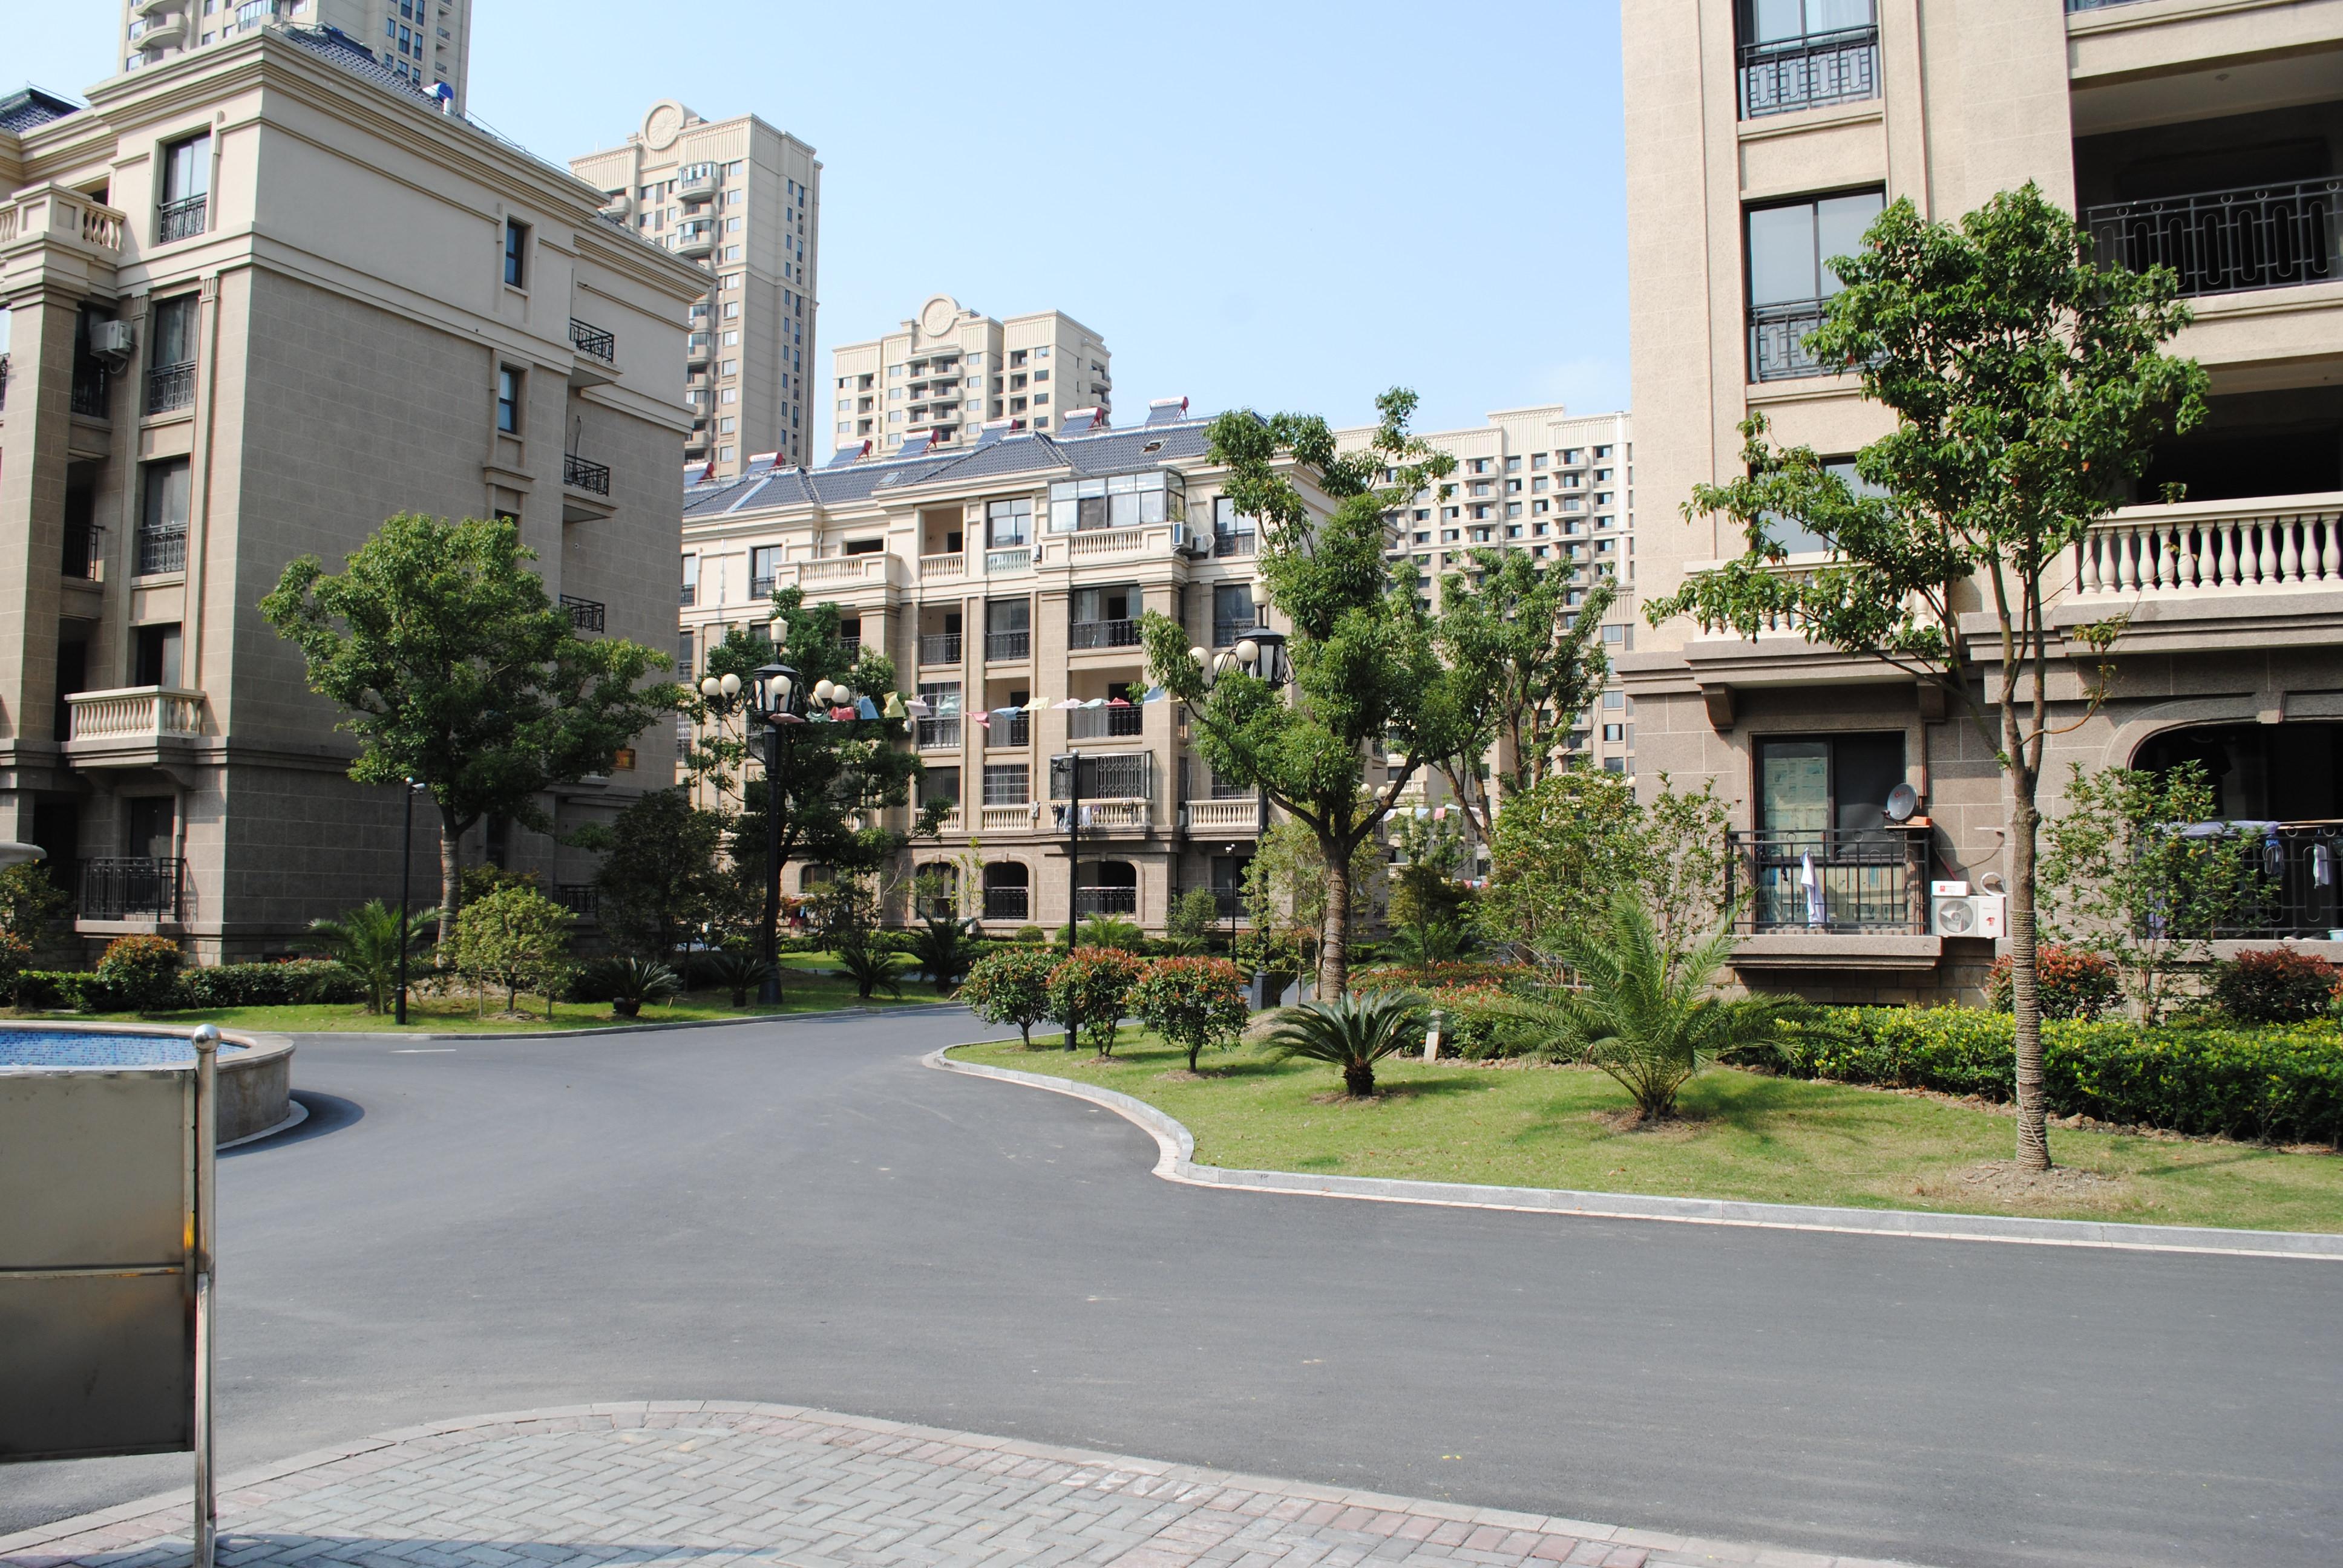 h阳光悦湖公馆 大平层 171平米 毛坯 户型正